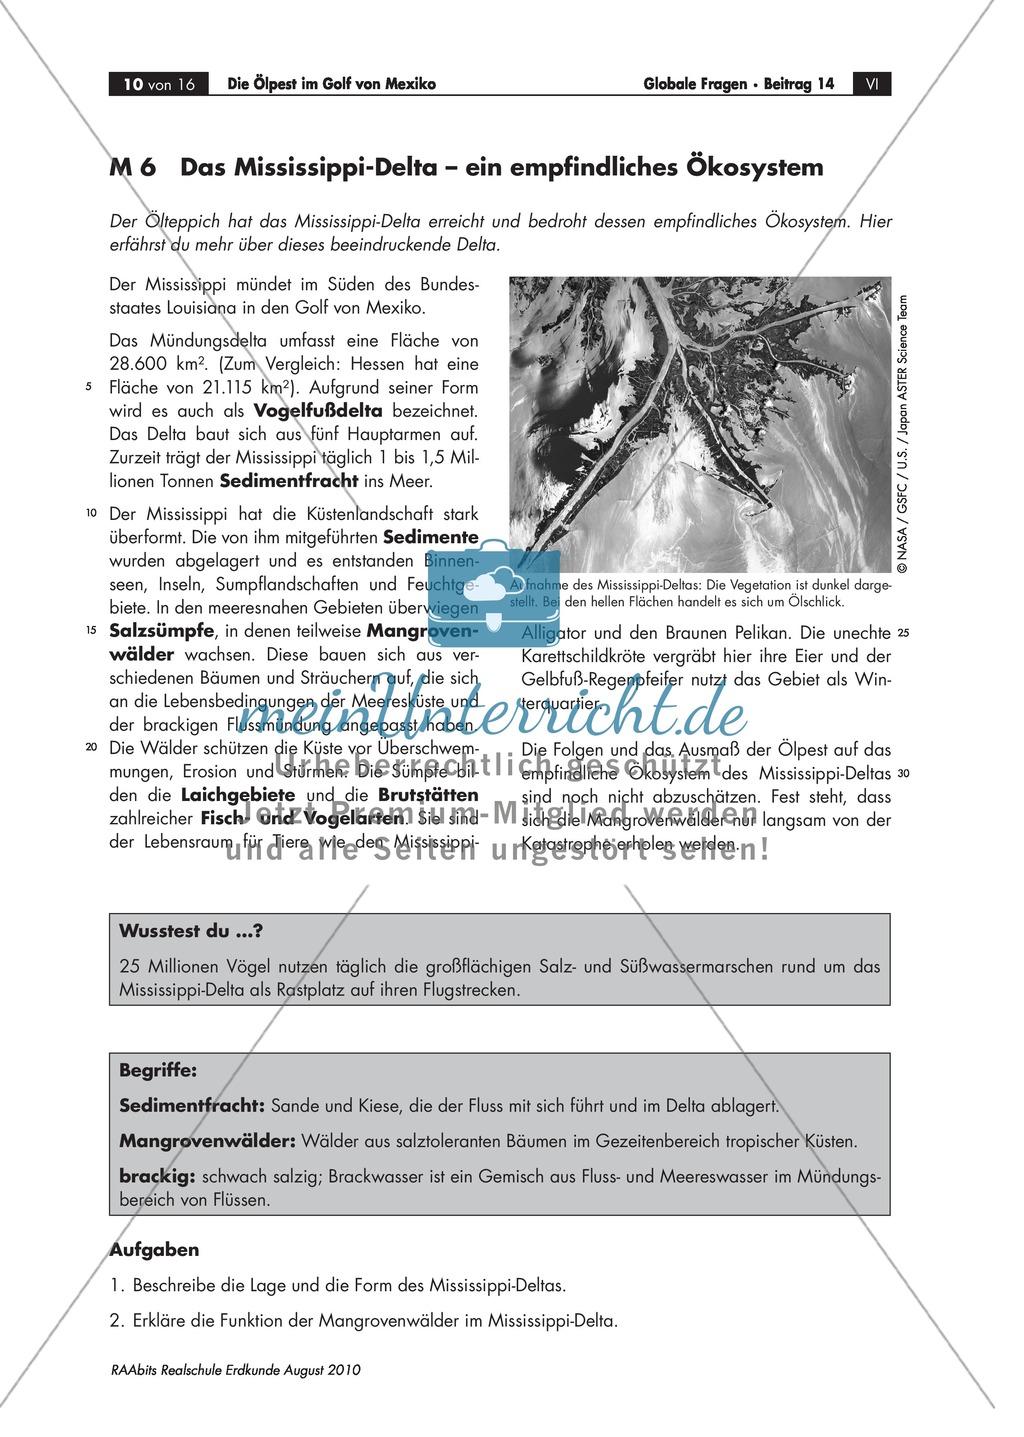 Umweltkatastrophe Ölpest - Folgen für Tiere und Ökosystem Preview 2